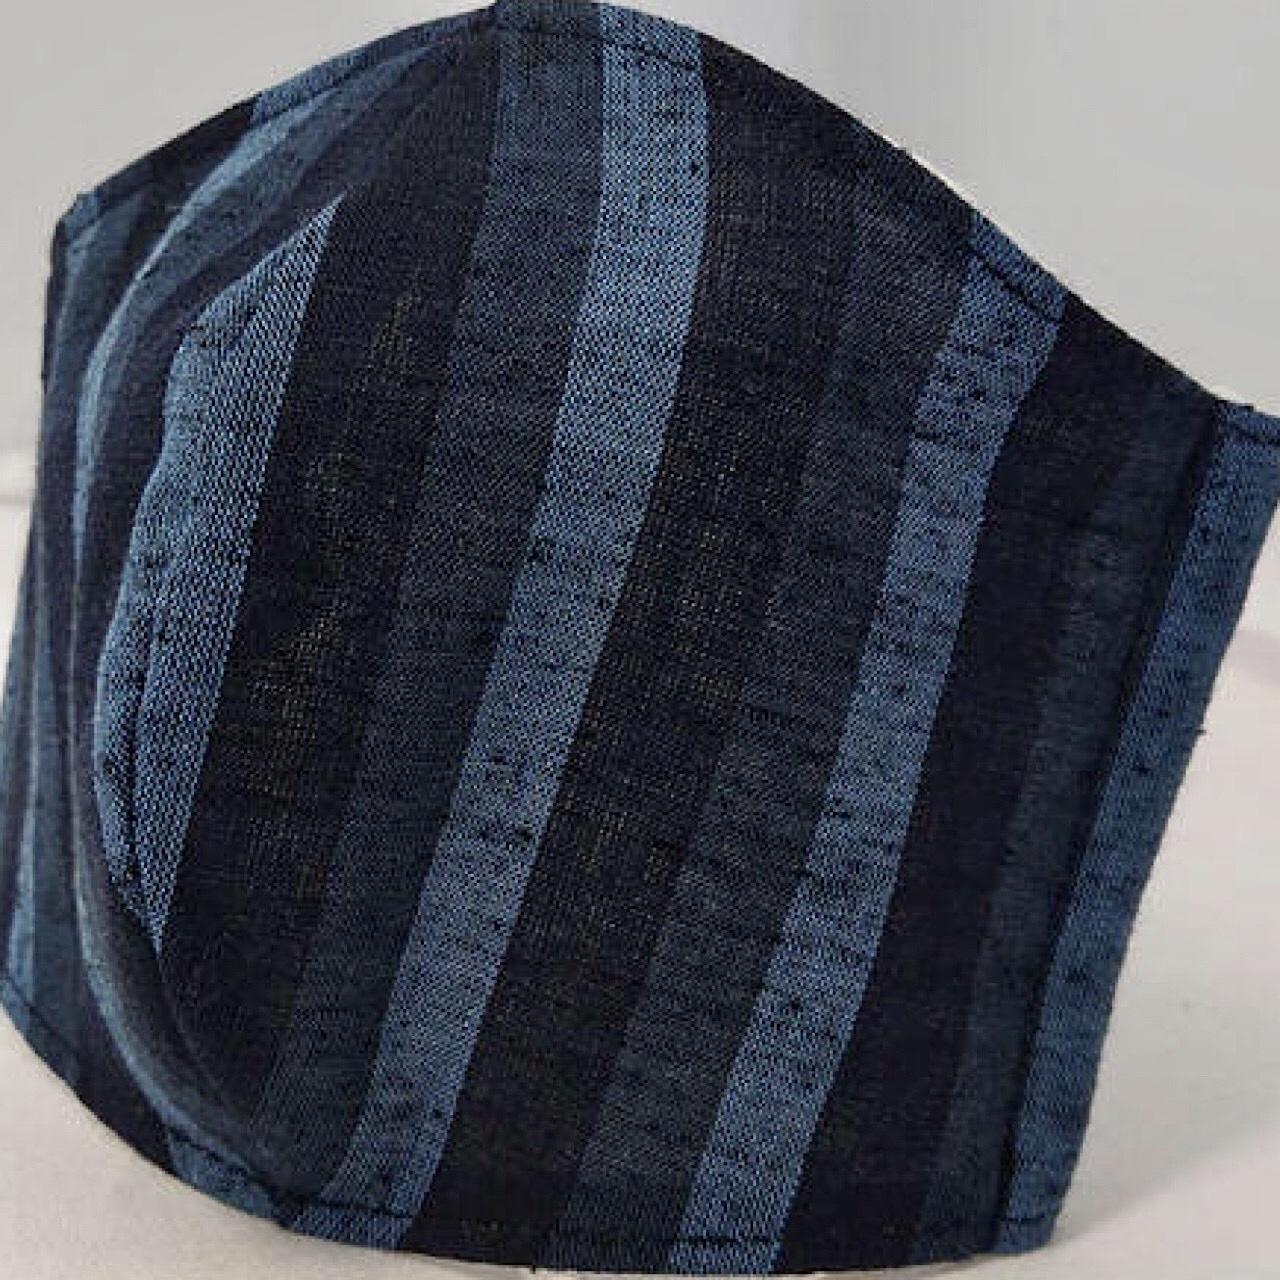 遠州織物ガーゼマスク3点セット  Moist absorbent/ Cool touch ] Enshu textile  gauze mask x 3 piece